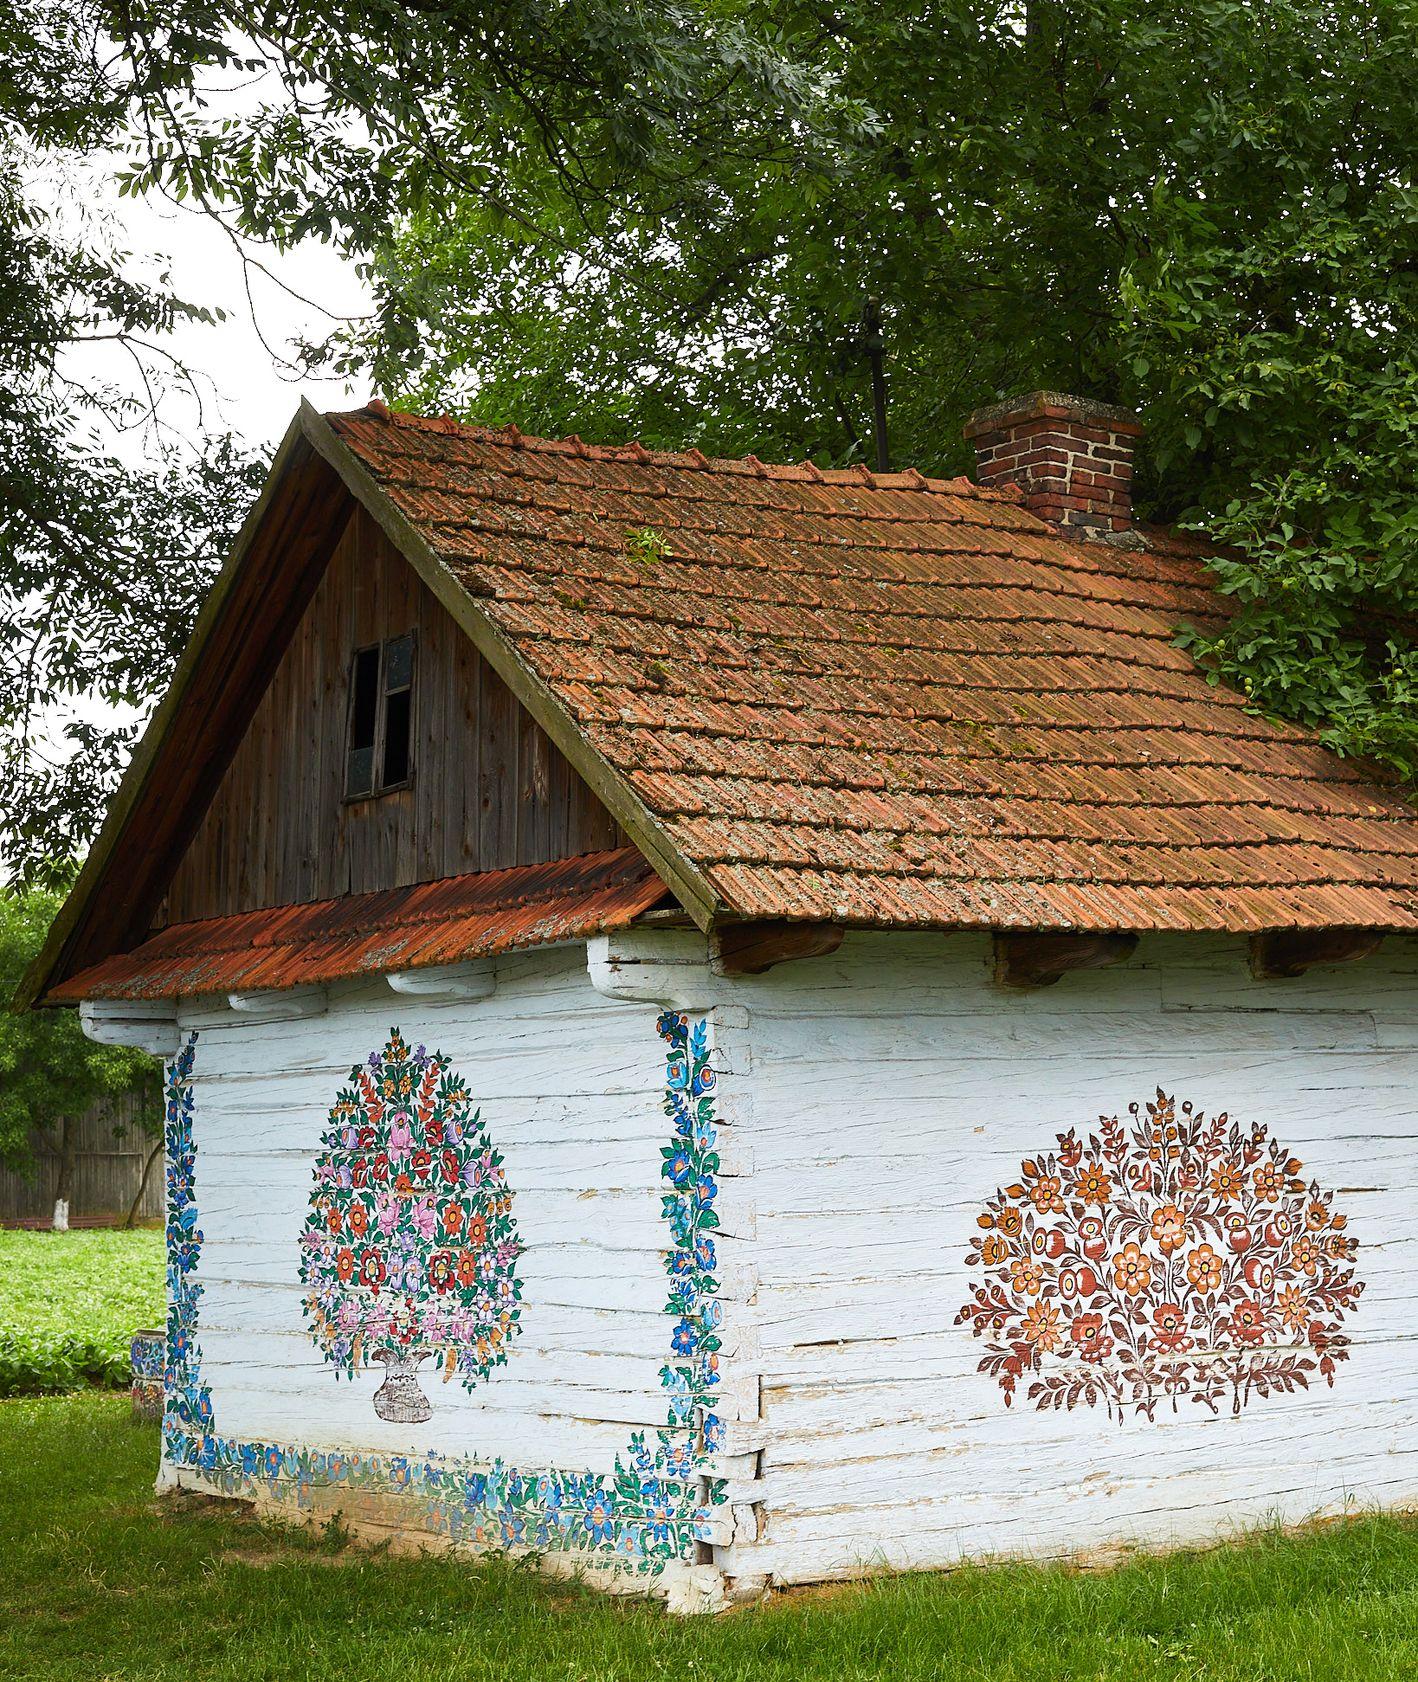 Malowana w kwieciste wzory chata w Zalipiu. Miejsce na krótki wypoczynek pod Krakowem (fot. Maciej Niemojewski)